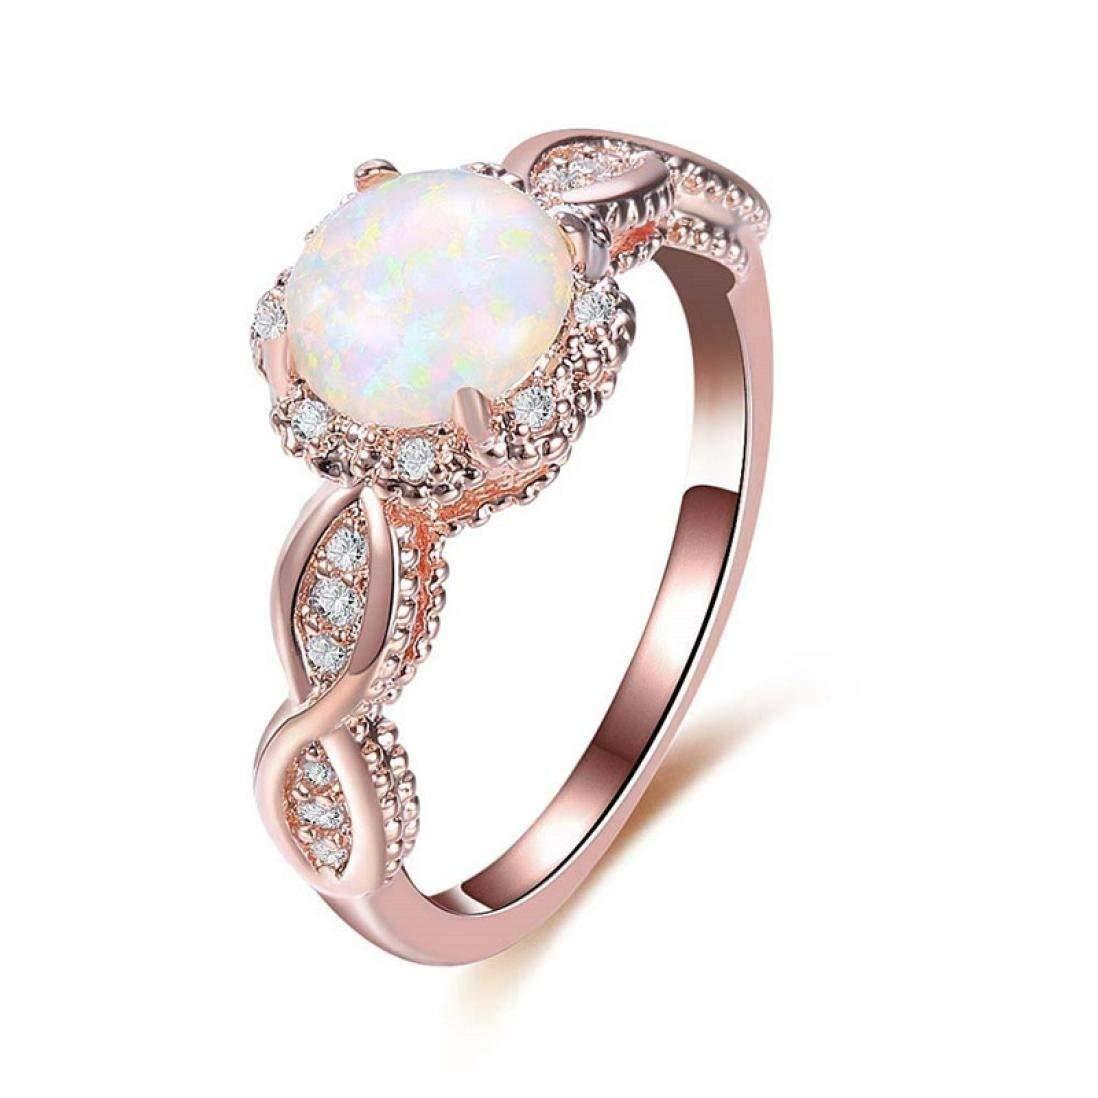 JONERISE 14K Rose Gold Opal Ring Wedding Filled Engagement Promise Rings for Women Beautyhomer